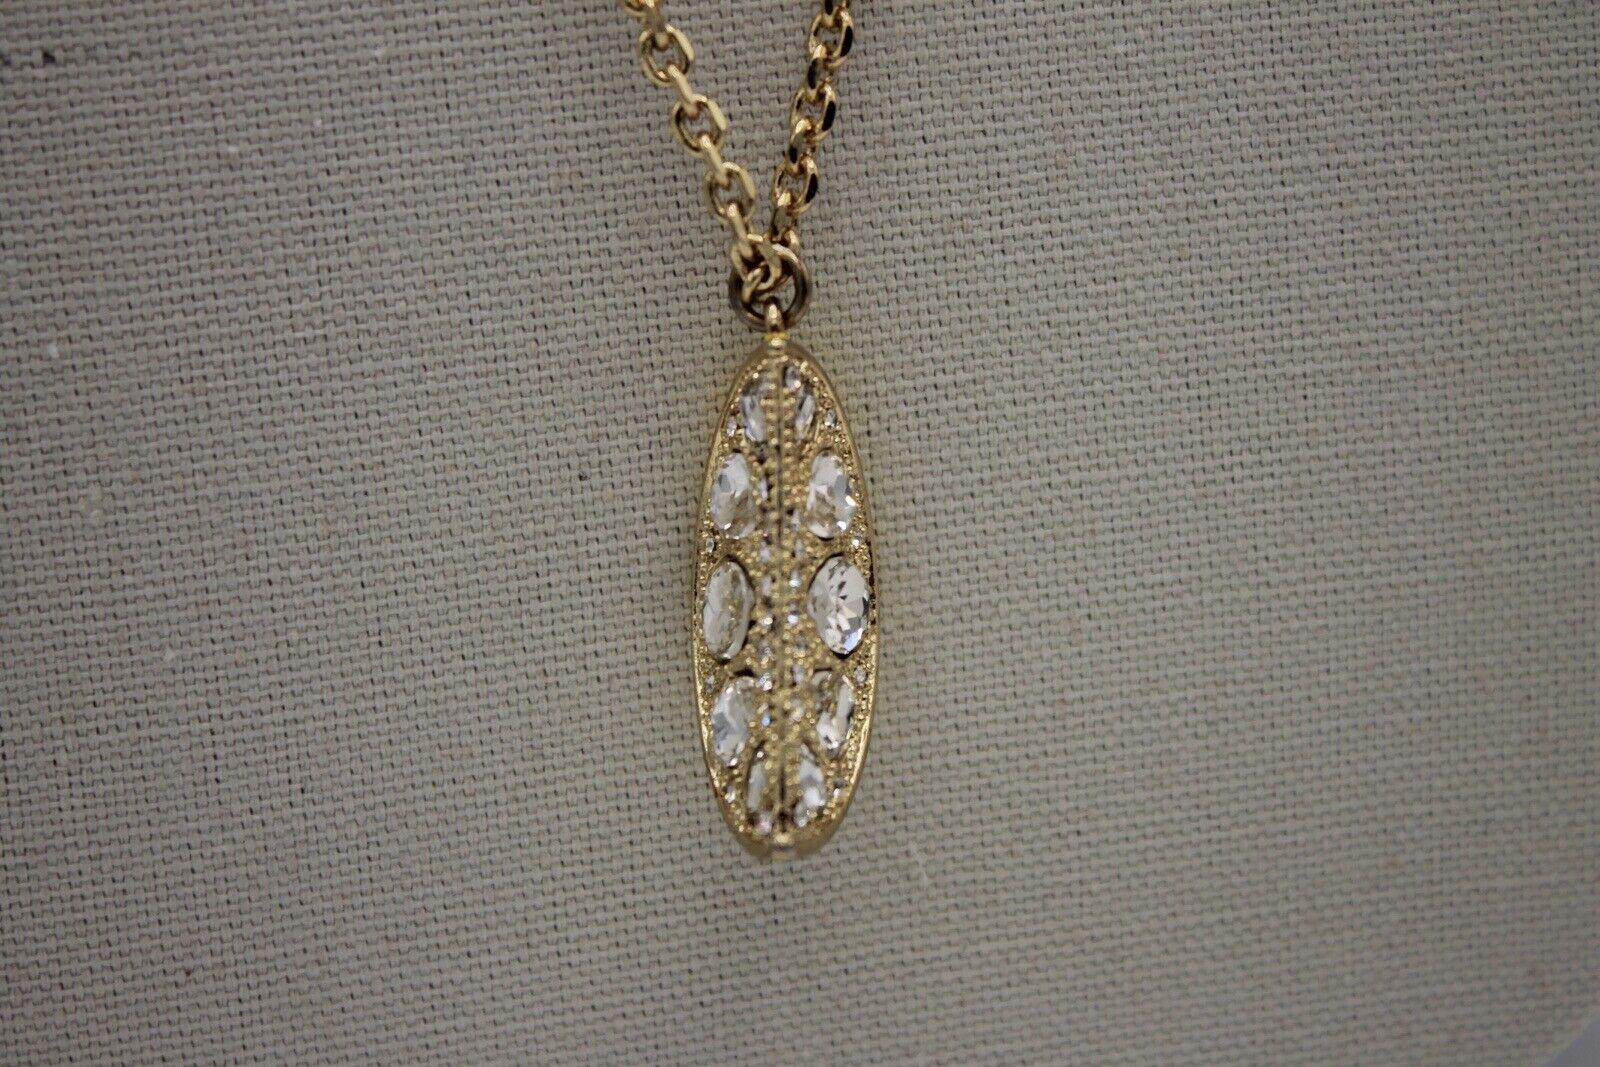 Ann Taylor NWT Lemon Wedge Enamel And Rhinestone Necklace 16.5 inch